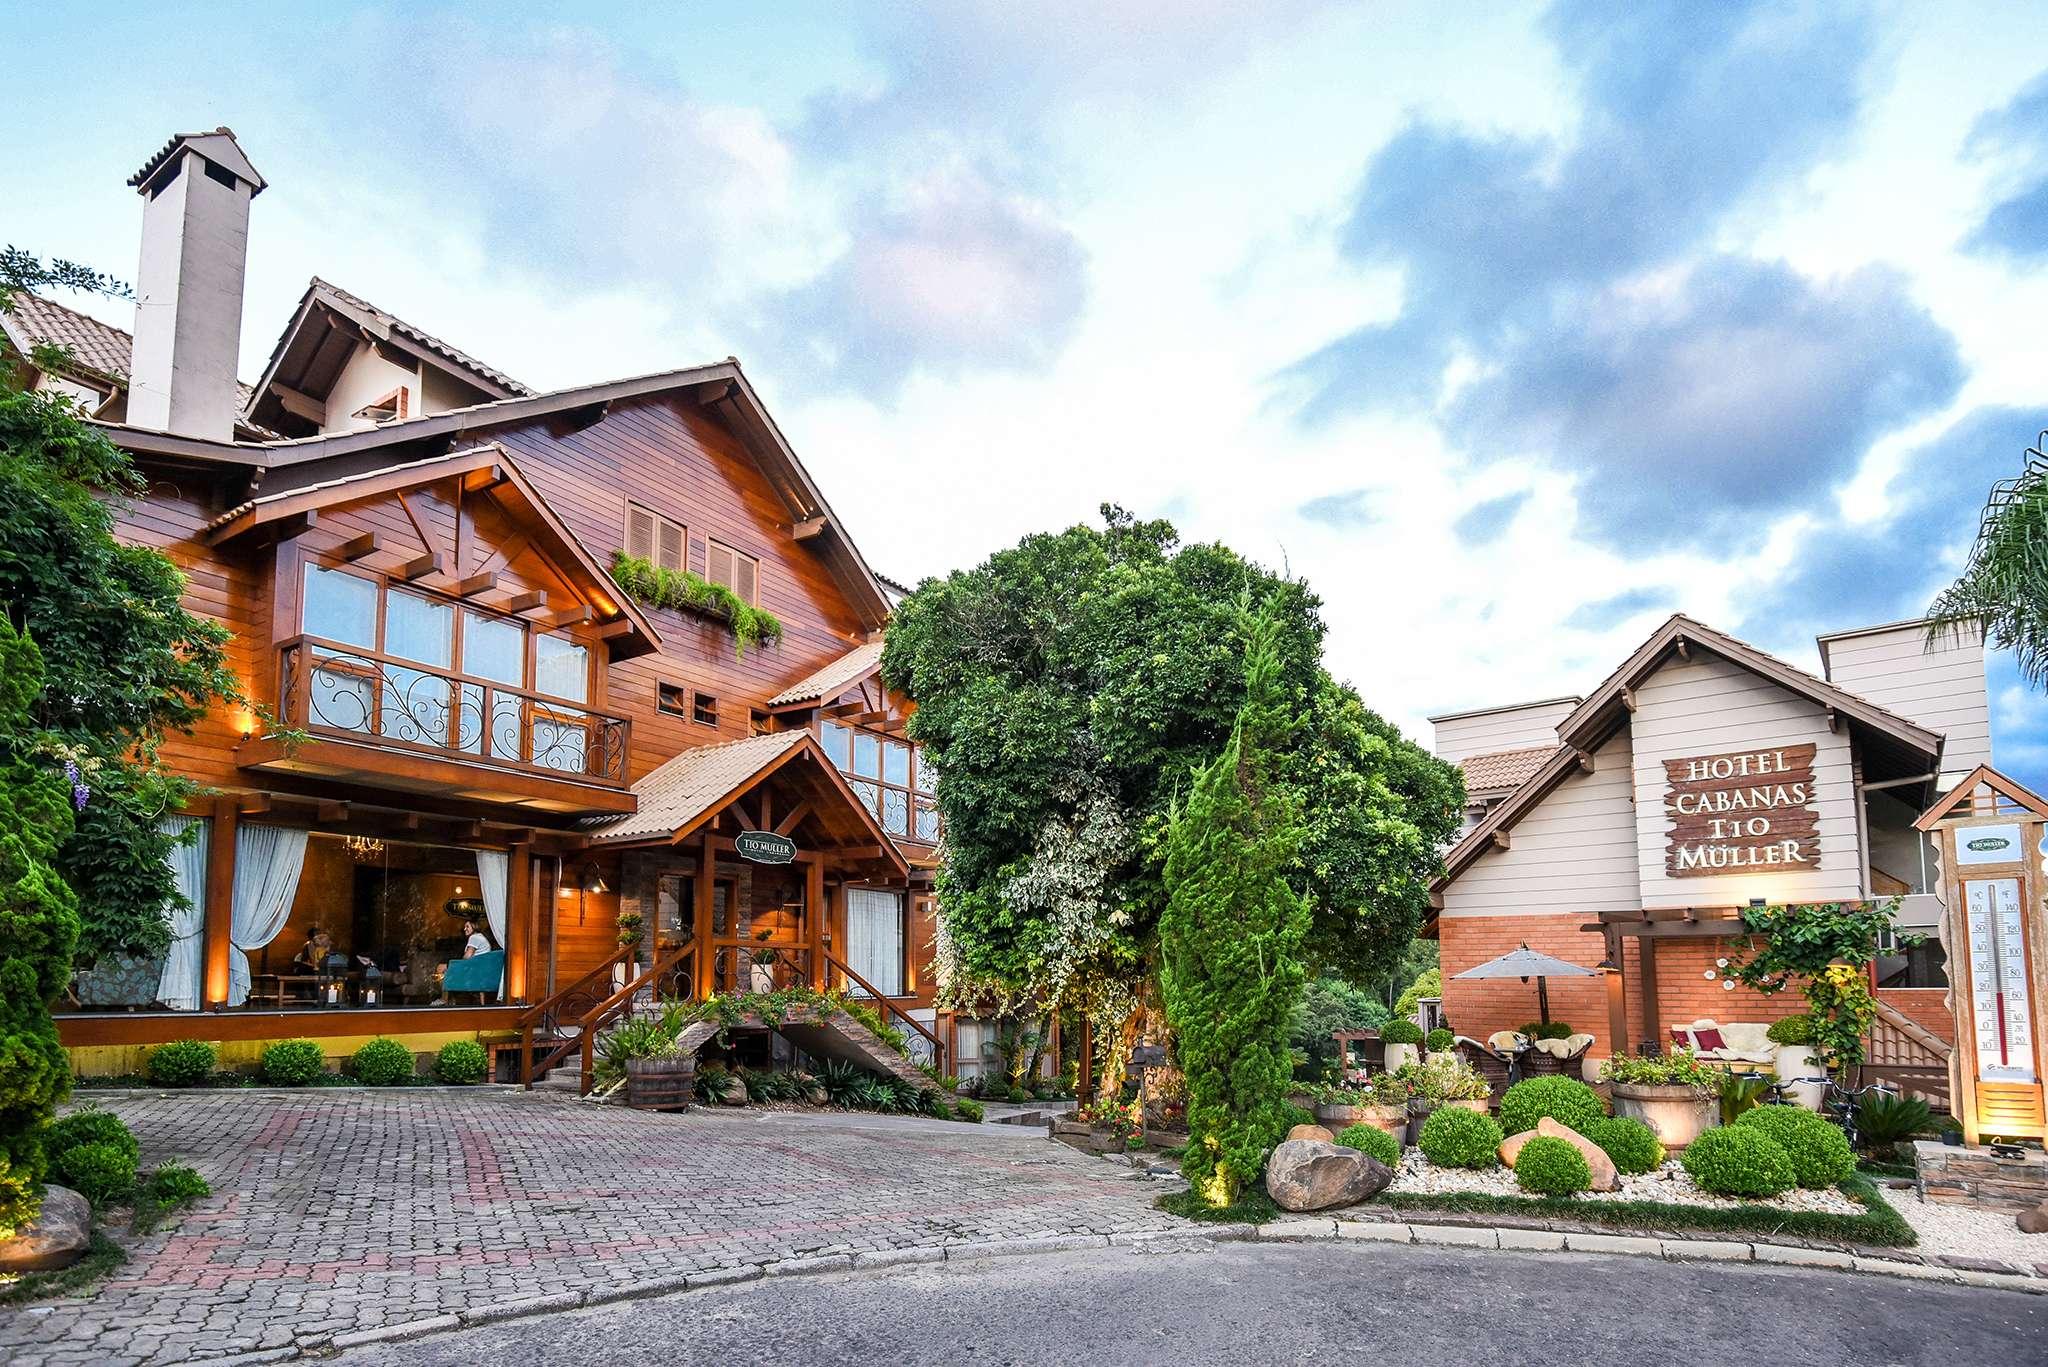 Hotel Cabanas Tio Muller em Gramado